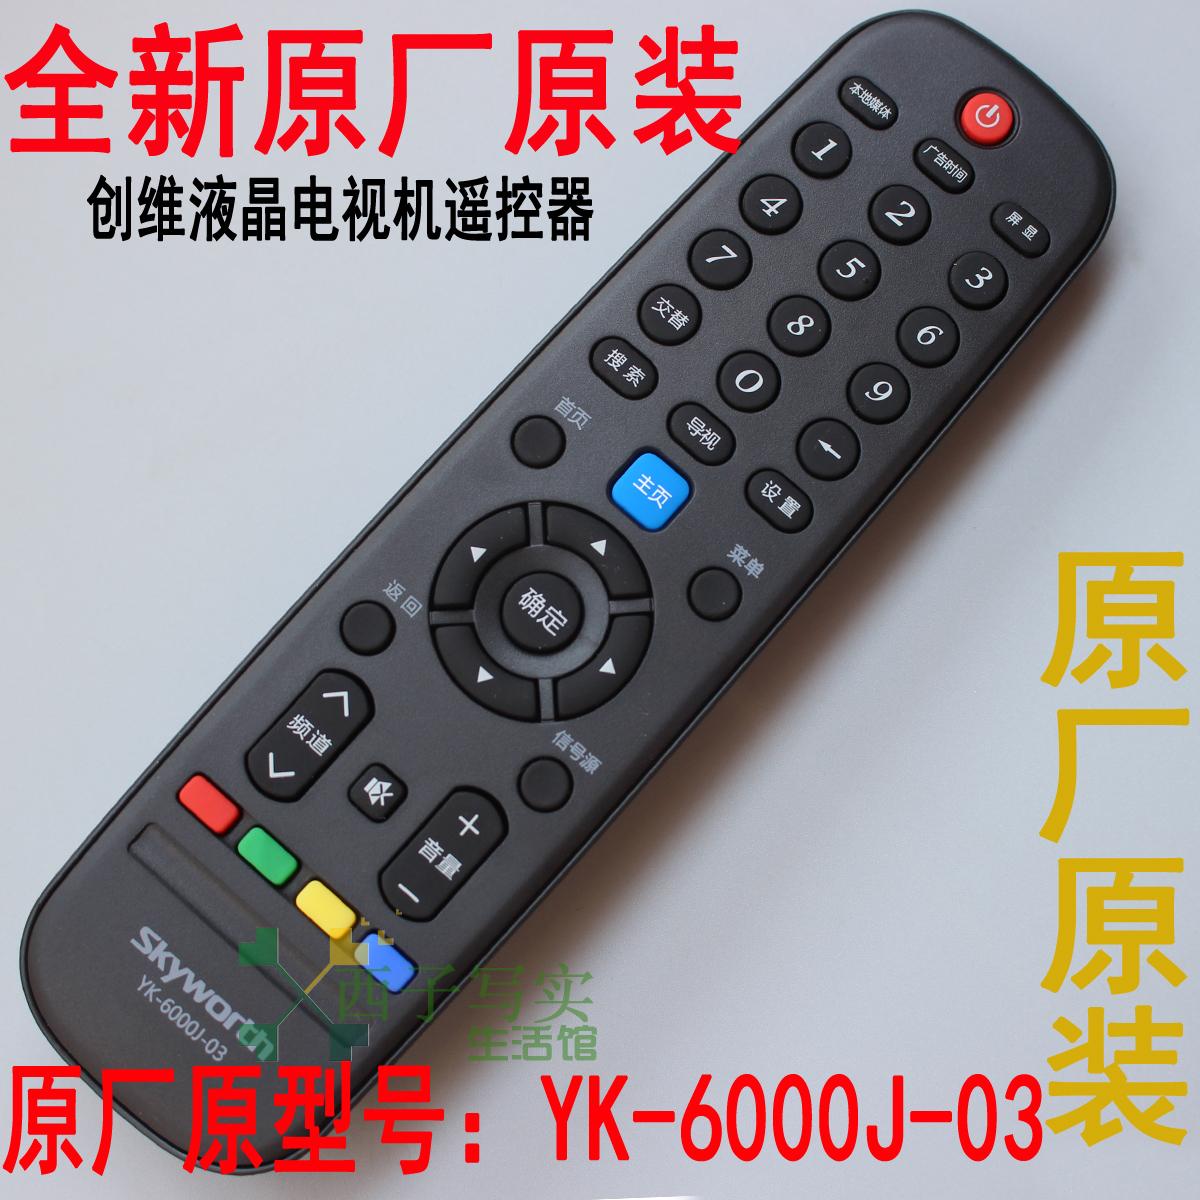 Бесплатная доставка оригинал создать размер телевидение пульт YK-6000J-03 через 6005J 6005H 42/50/55E510E